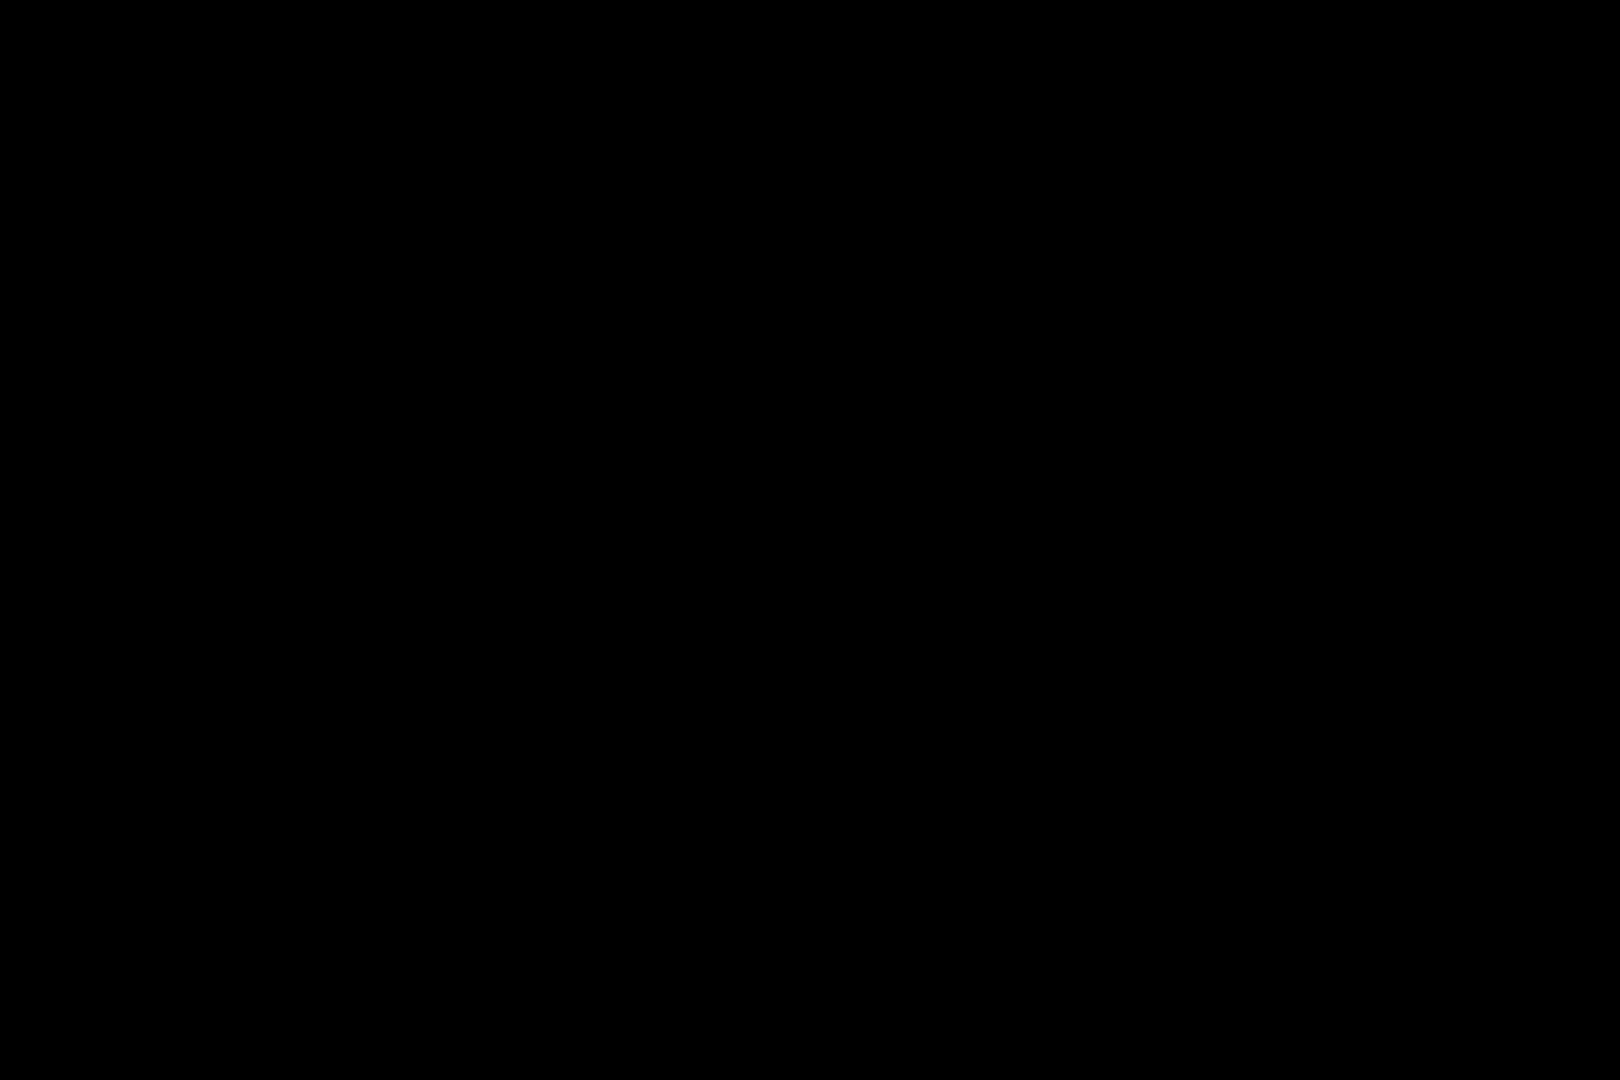 充血監督の深夜の運動会Vol.26 カーセックス  57PIX 56